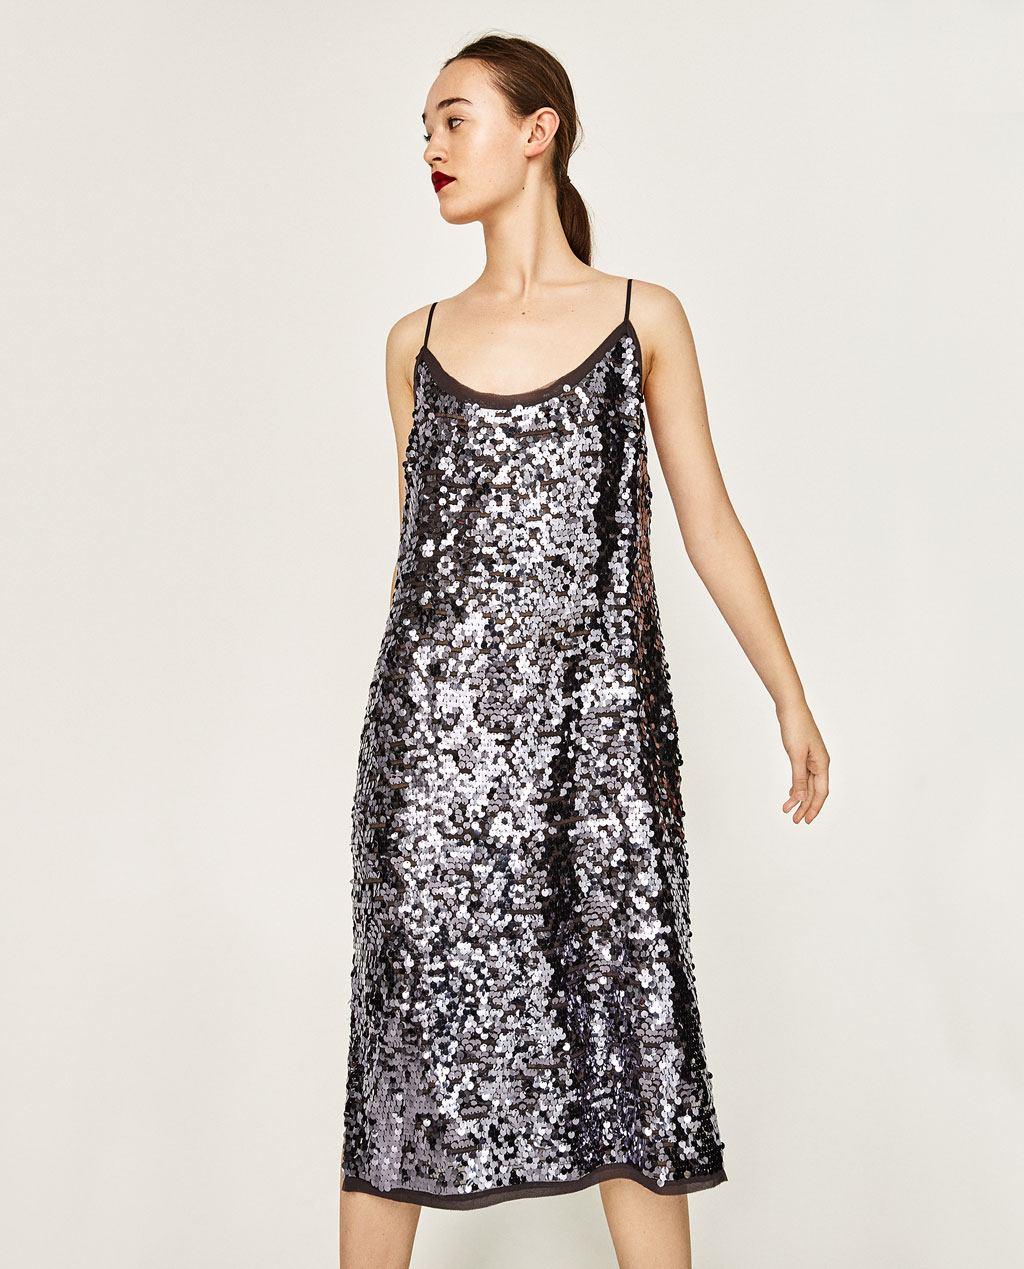 Zara vestiti da cerimonia 2017 – Abiti alla moda 0adcabca930